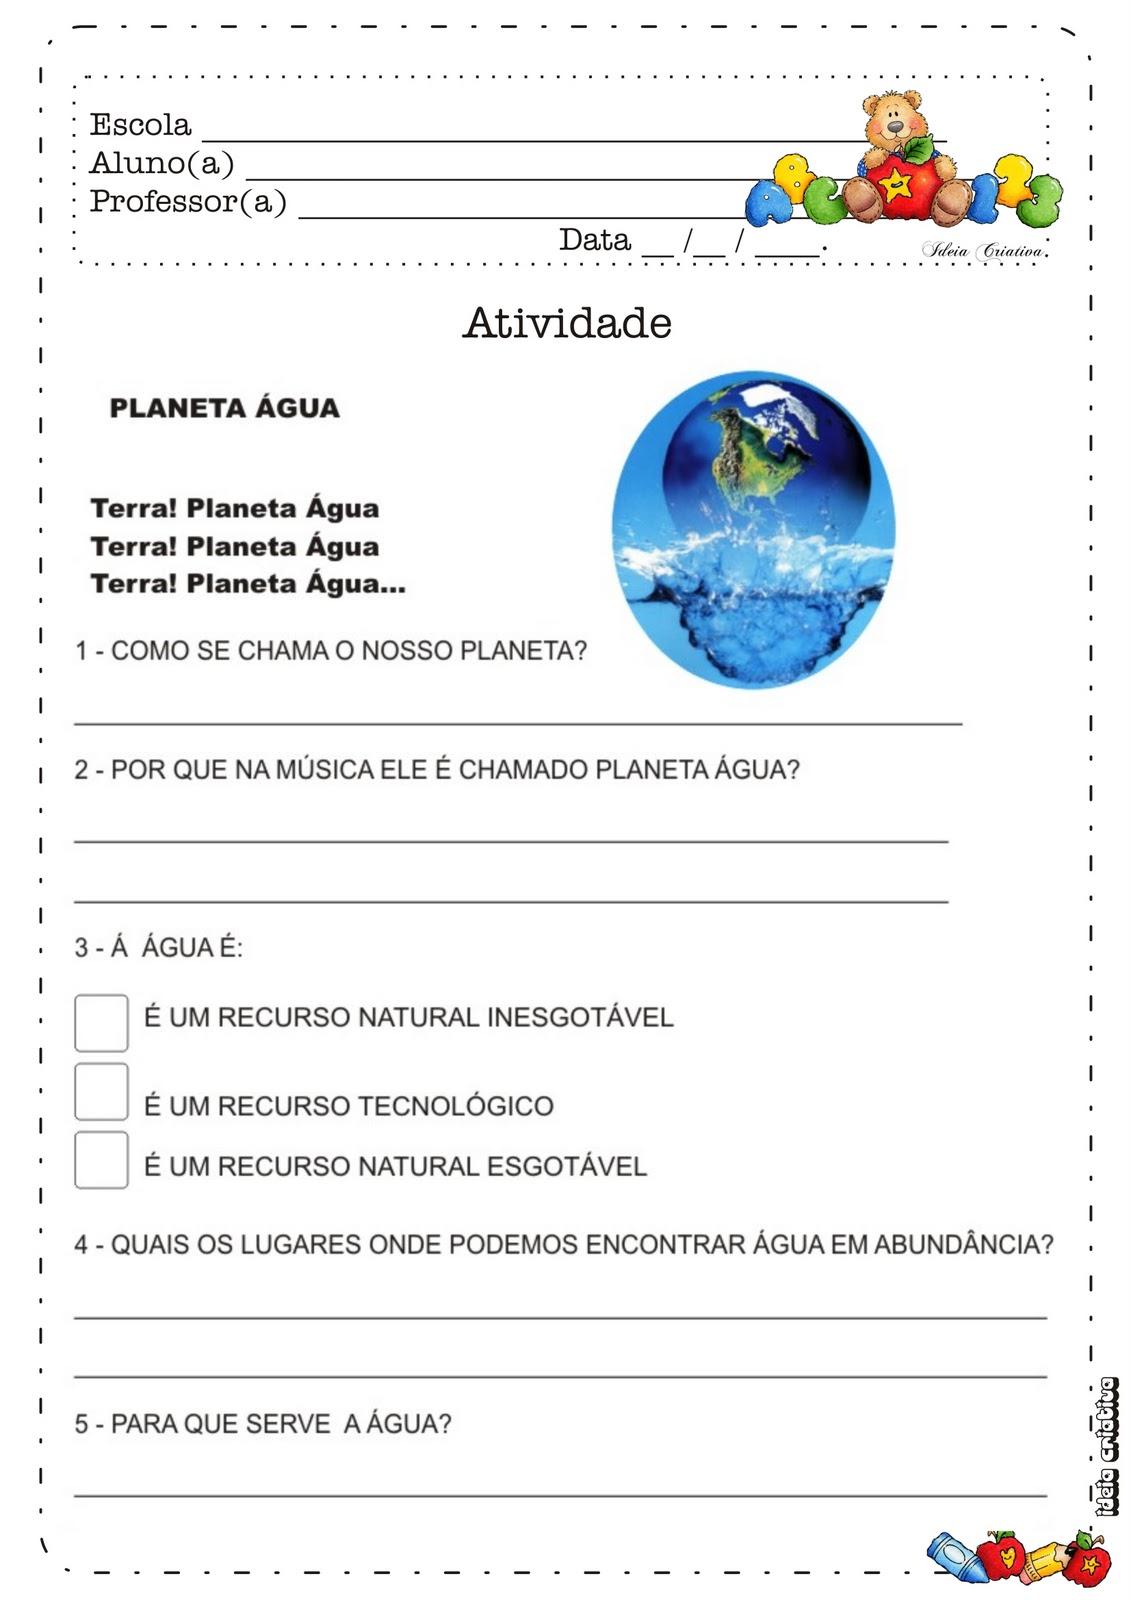 Excepcional Atividade Dia da Água | Ideia Criativa - Gi Barbosa Educação Infantil DL88